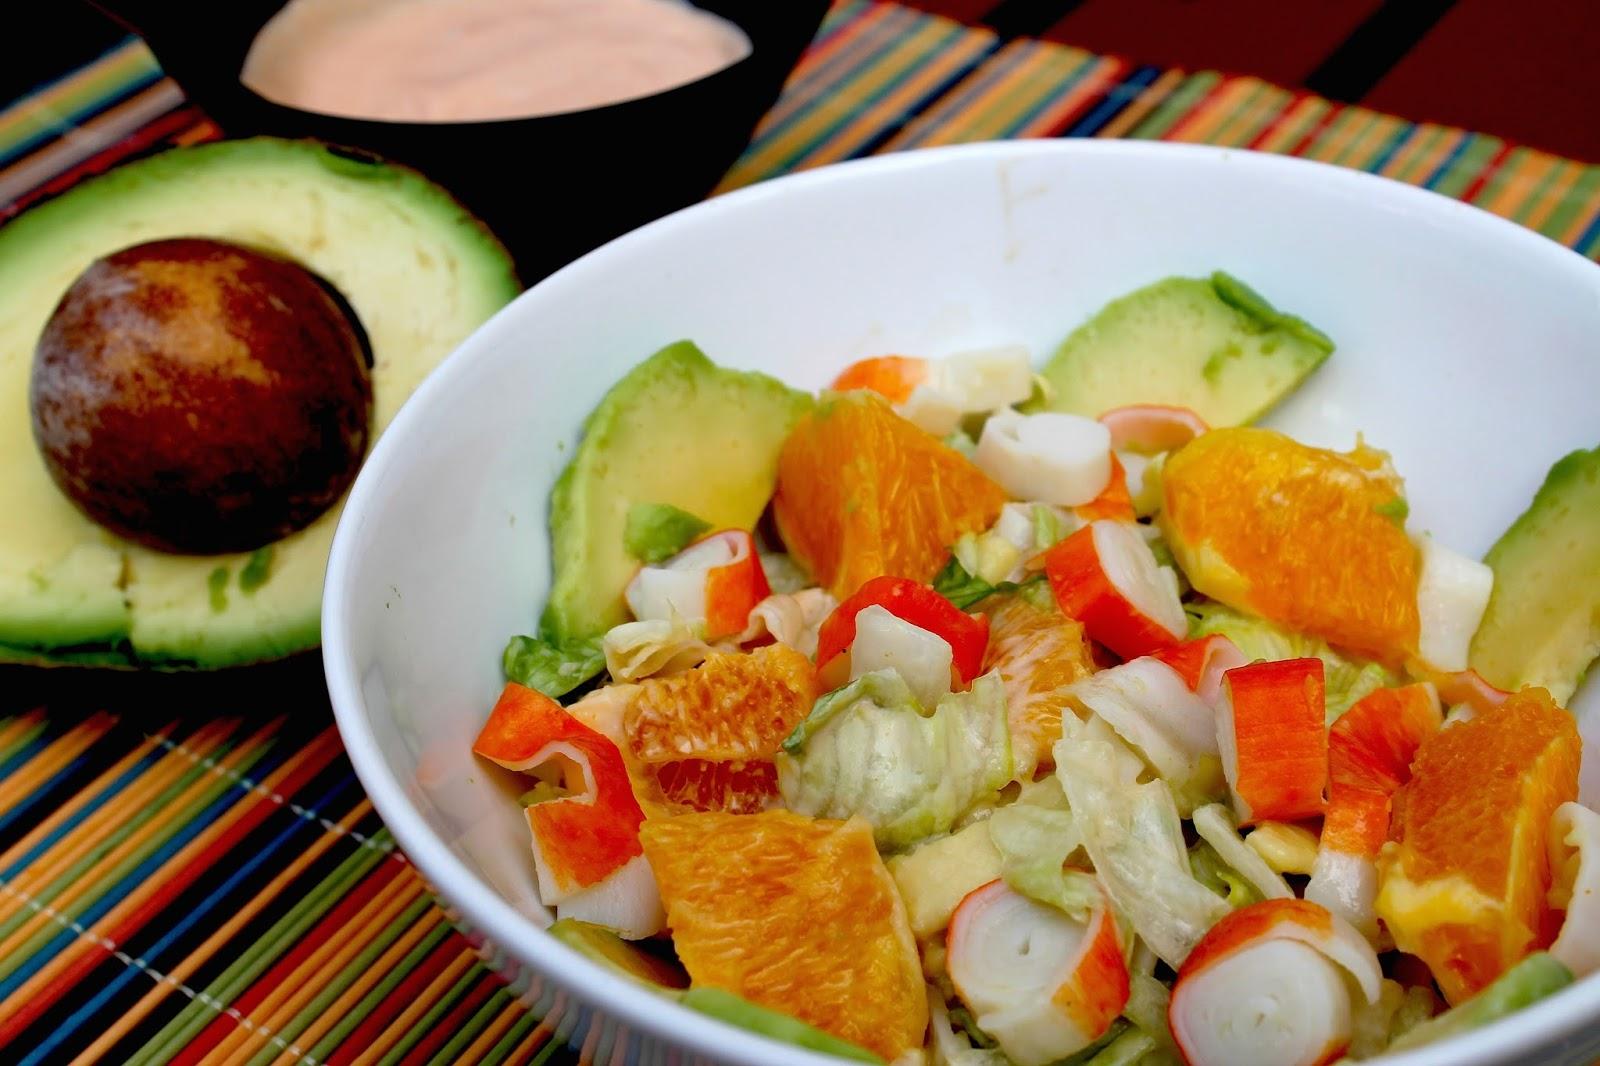 ensalada tropical de aguacate y naranja con salsa rosa sin lactosa